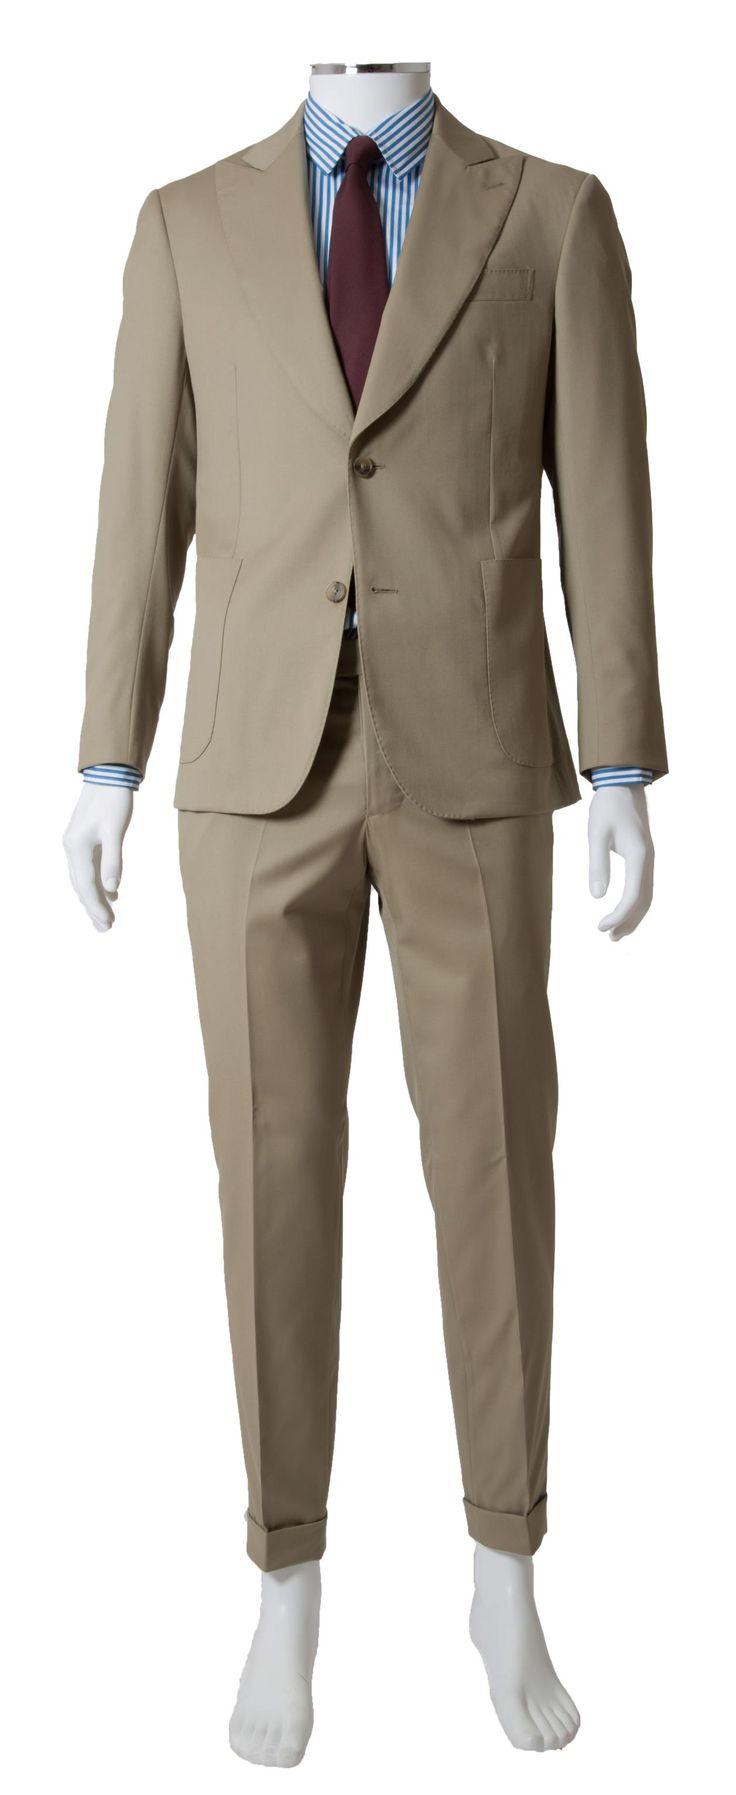 Abito due pezzi da uomo intelato beige, due bottoni revers a lancia, 100% lana gabardina. Made in Italy. Disponibile in diverse taglie e su misura. #verisarti